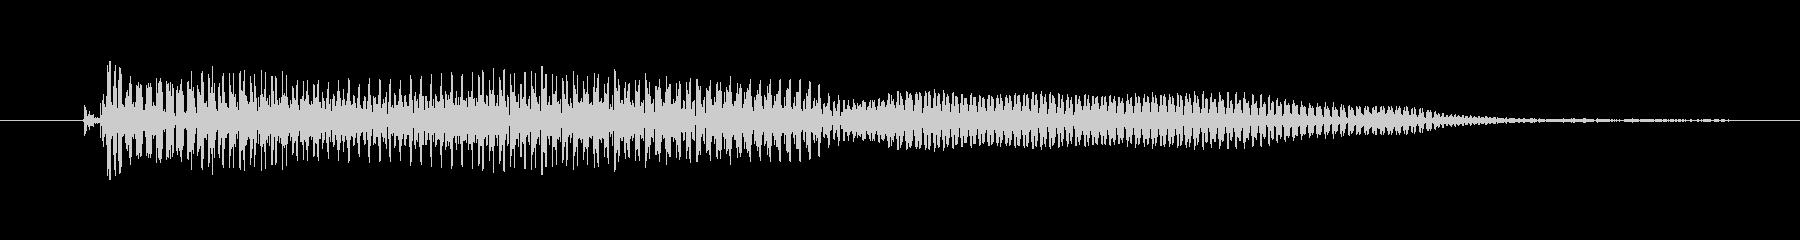 リトルレッドモンスター:Nの未再生の波形